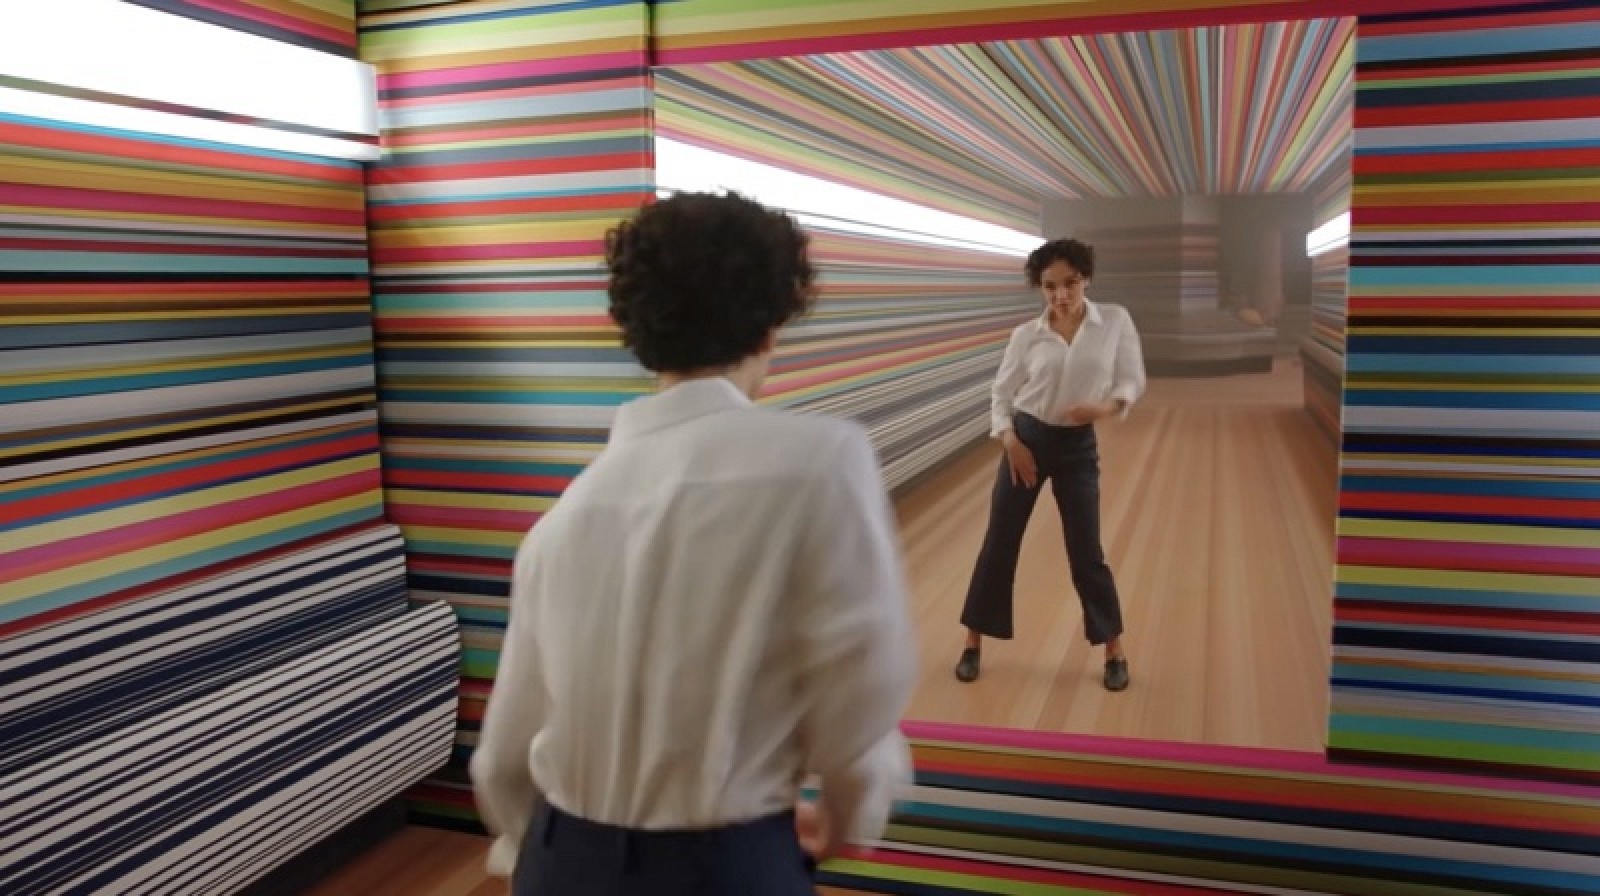 El mejor creativo conocido por Spike Jonze HomePod Video deja la agencia de publicidad de Apple